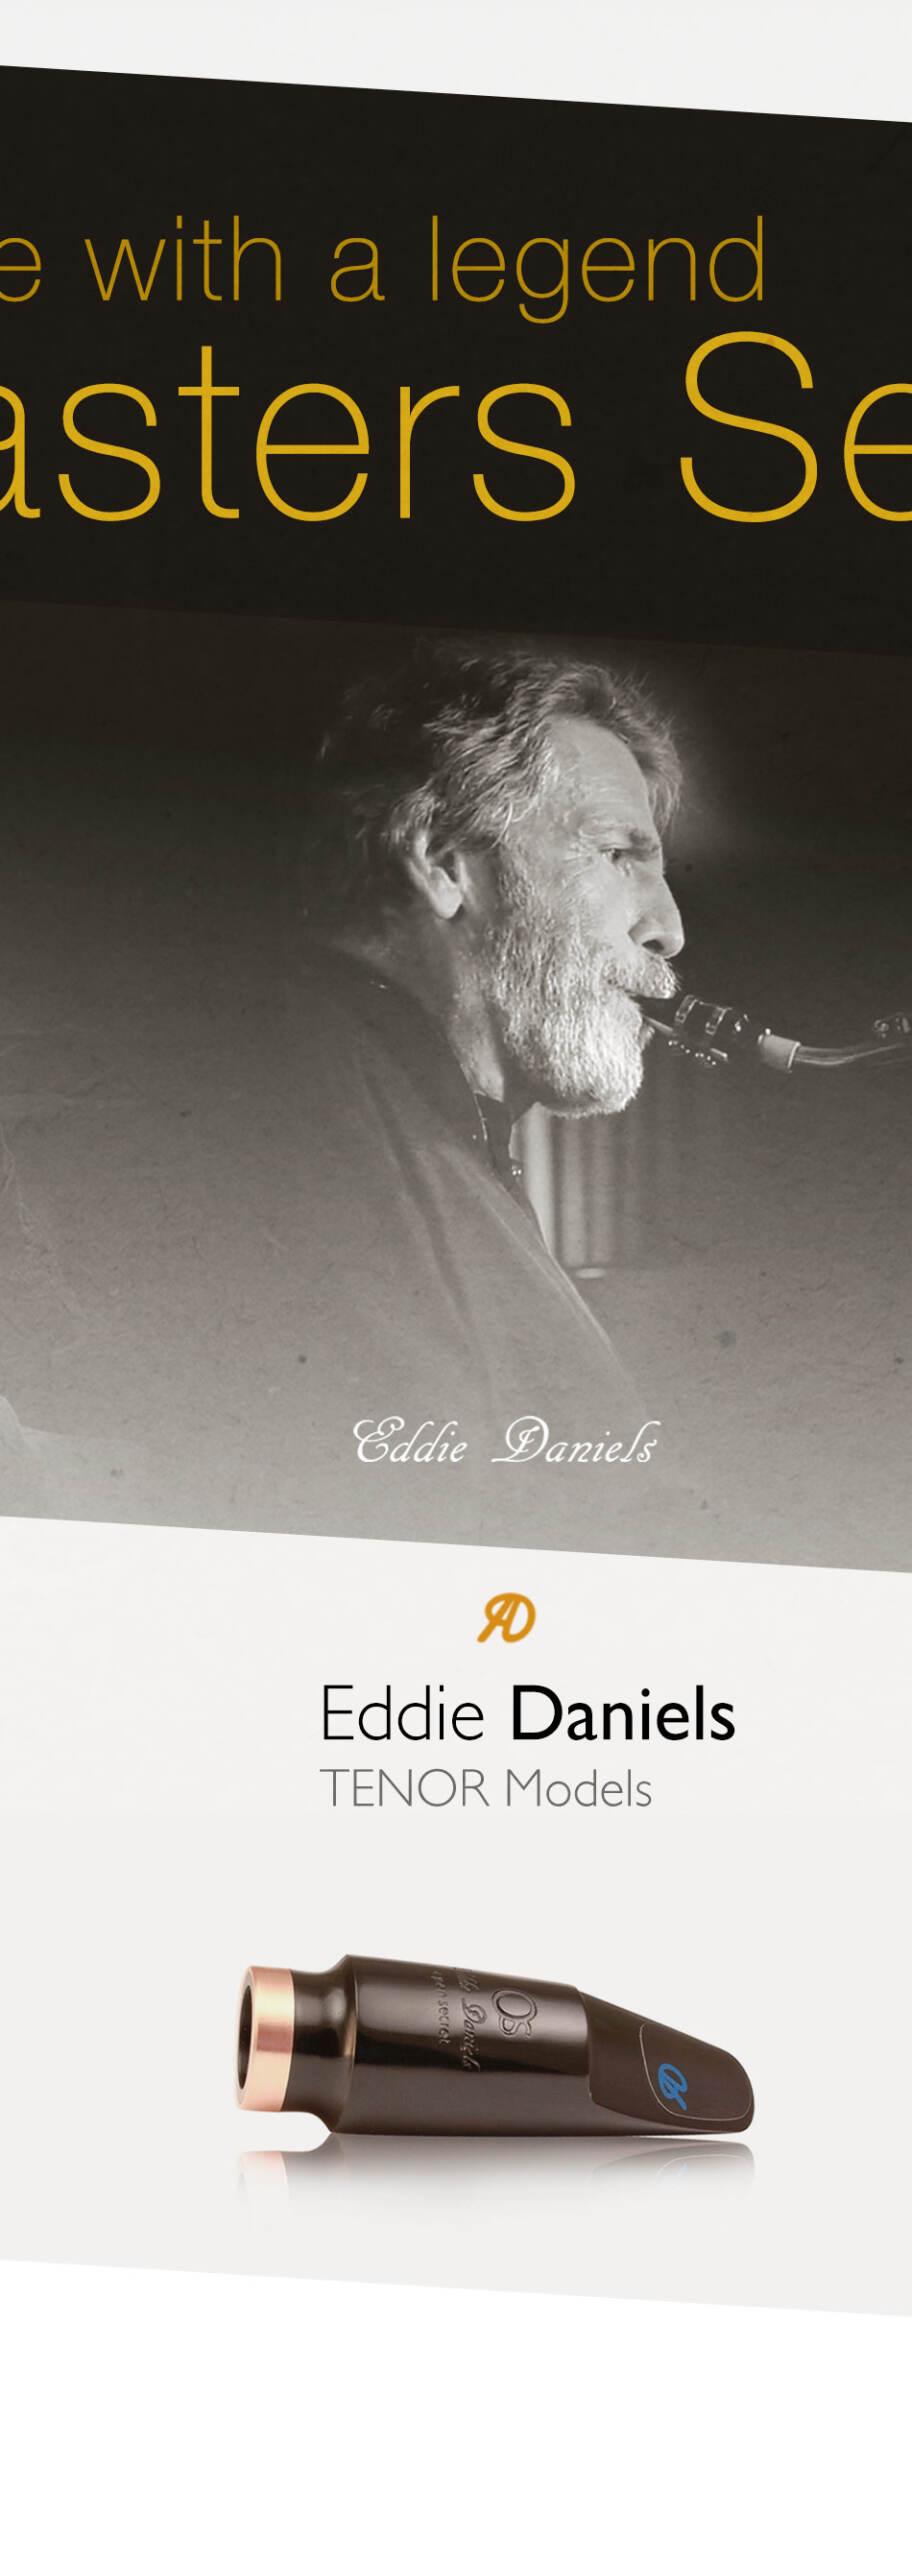 Eddie Daniels Tenor Models